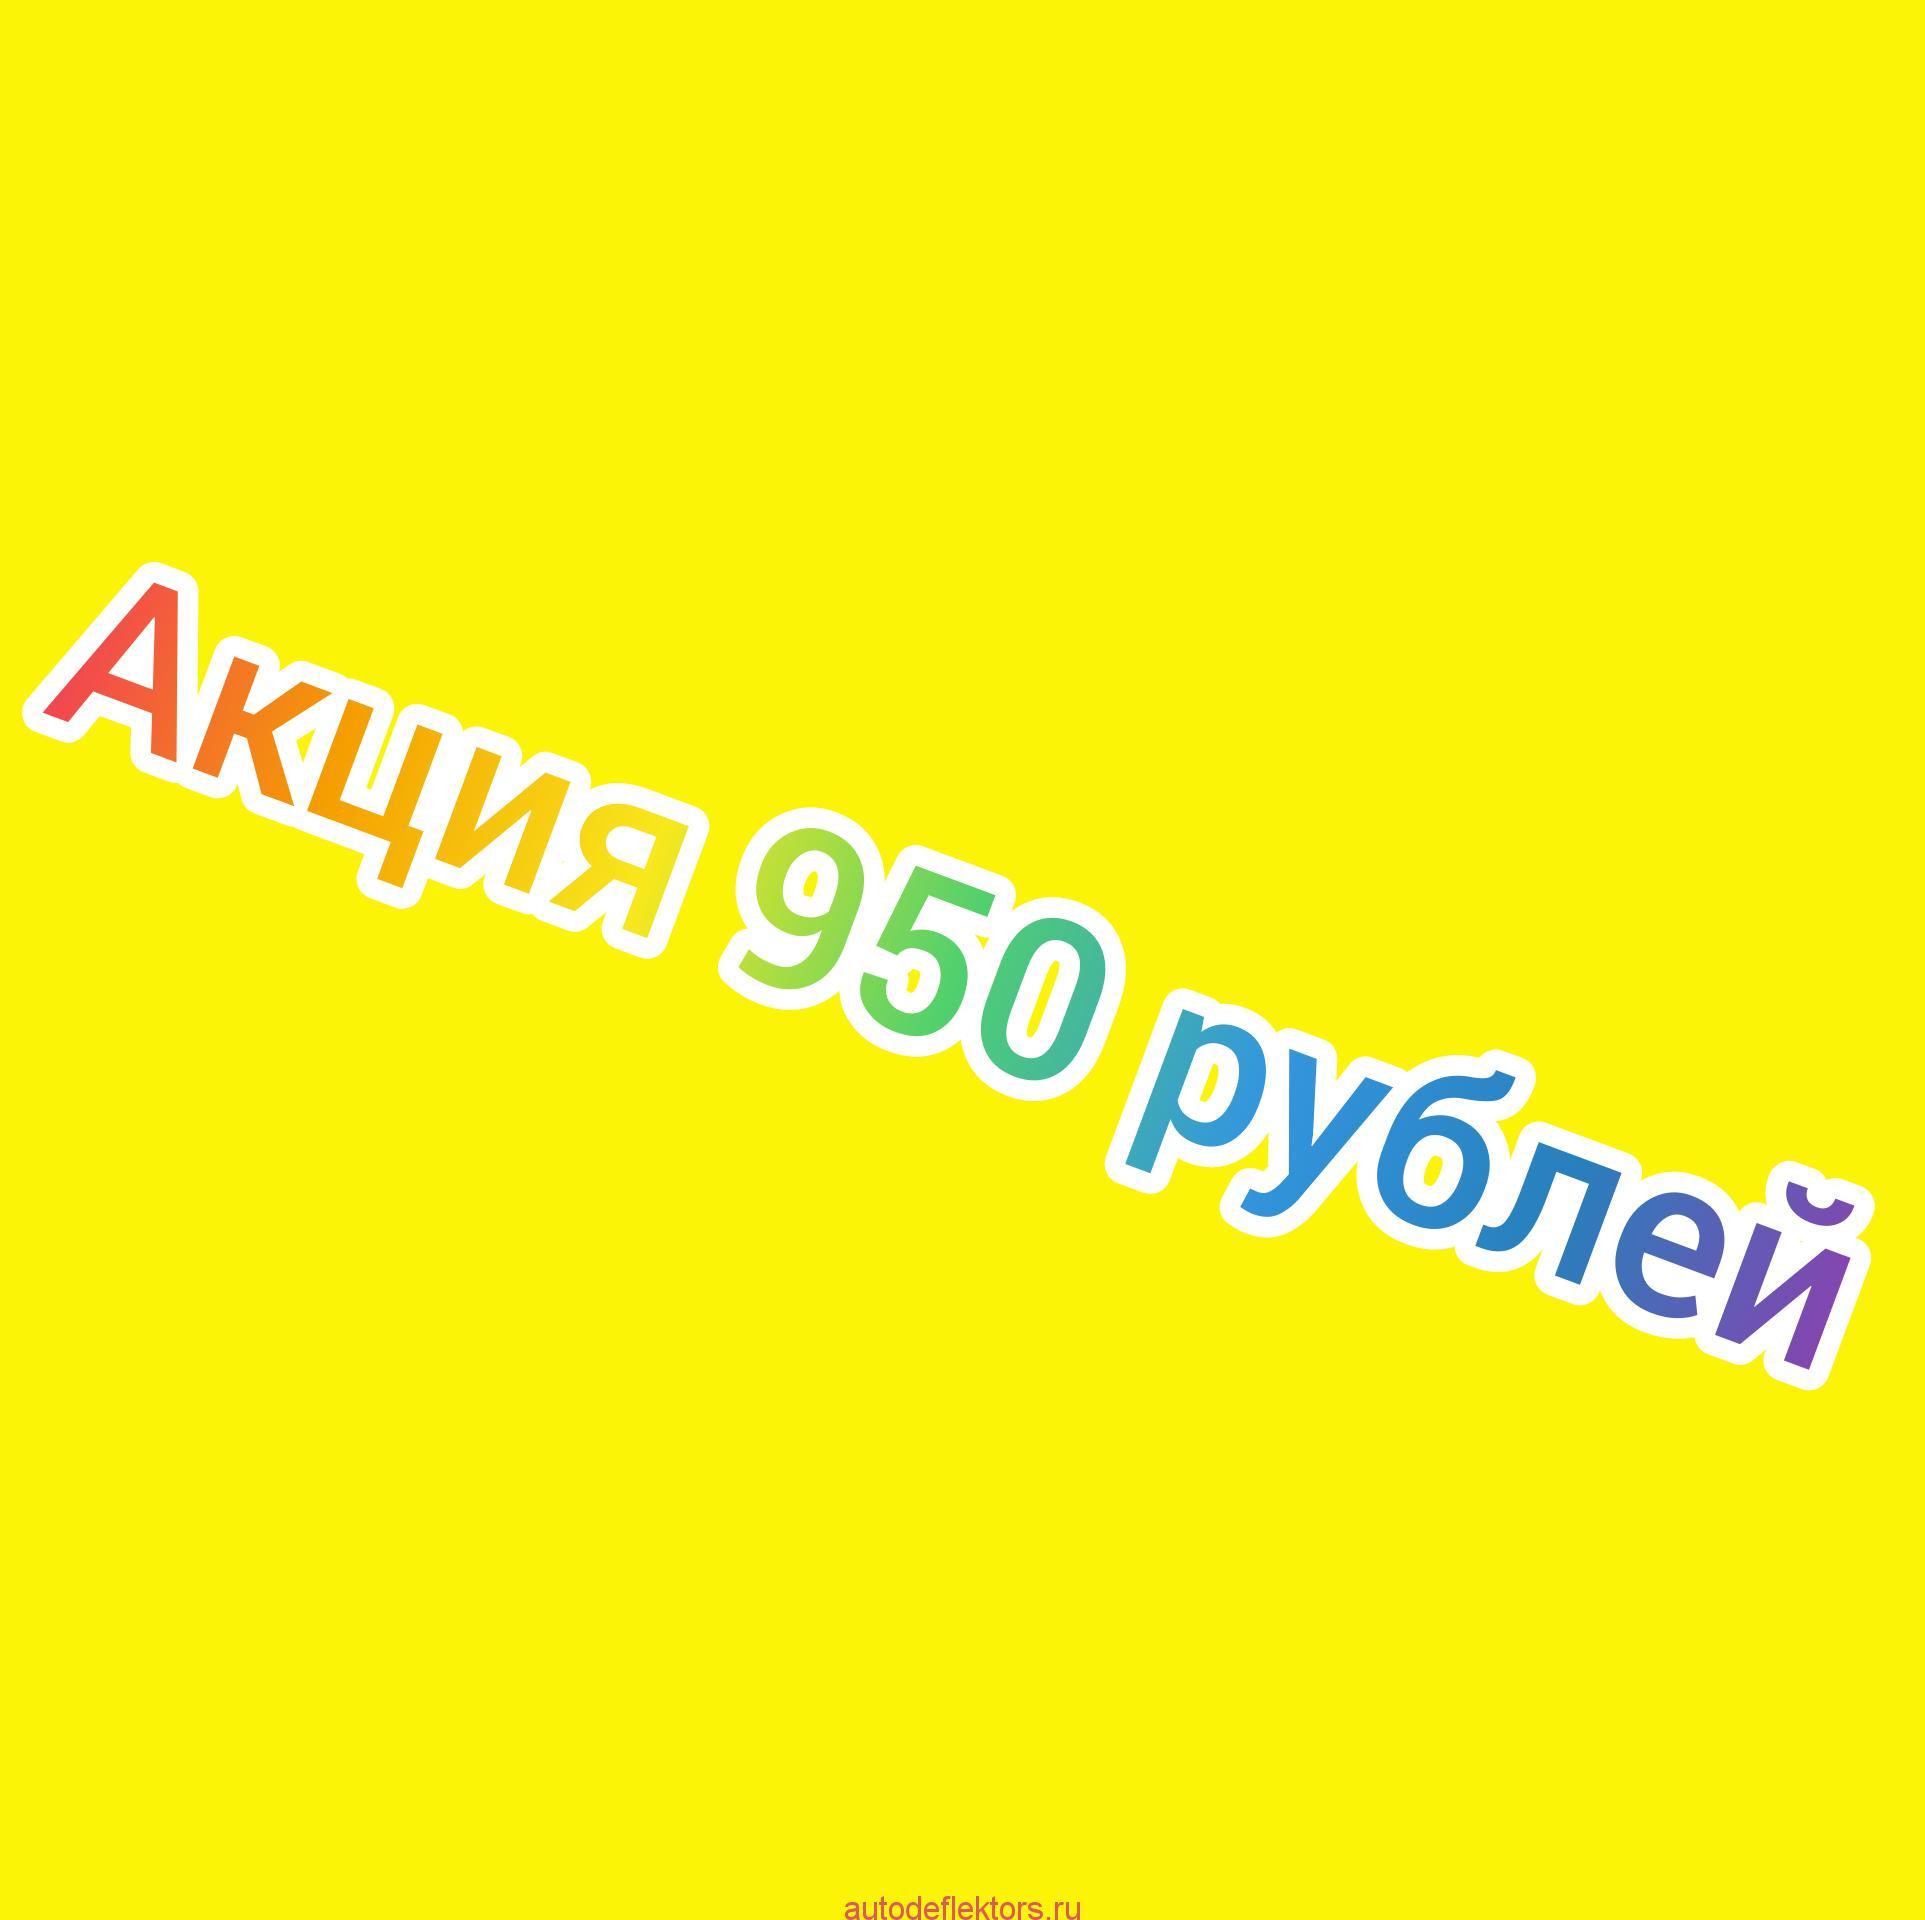 Распродажа дефлекторов капота все 950р до 01.07.2020